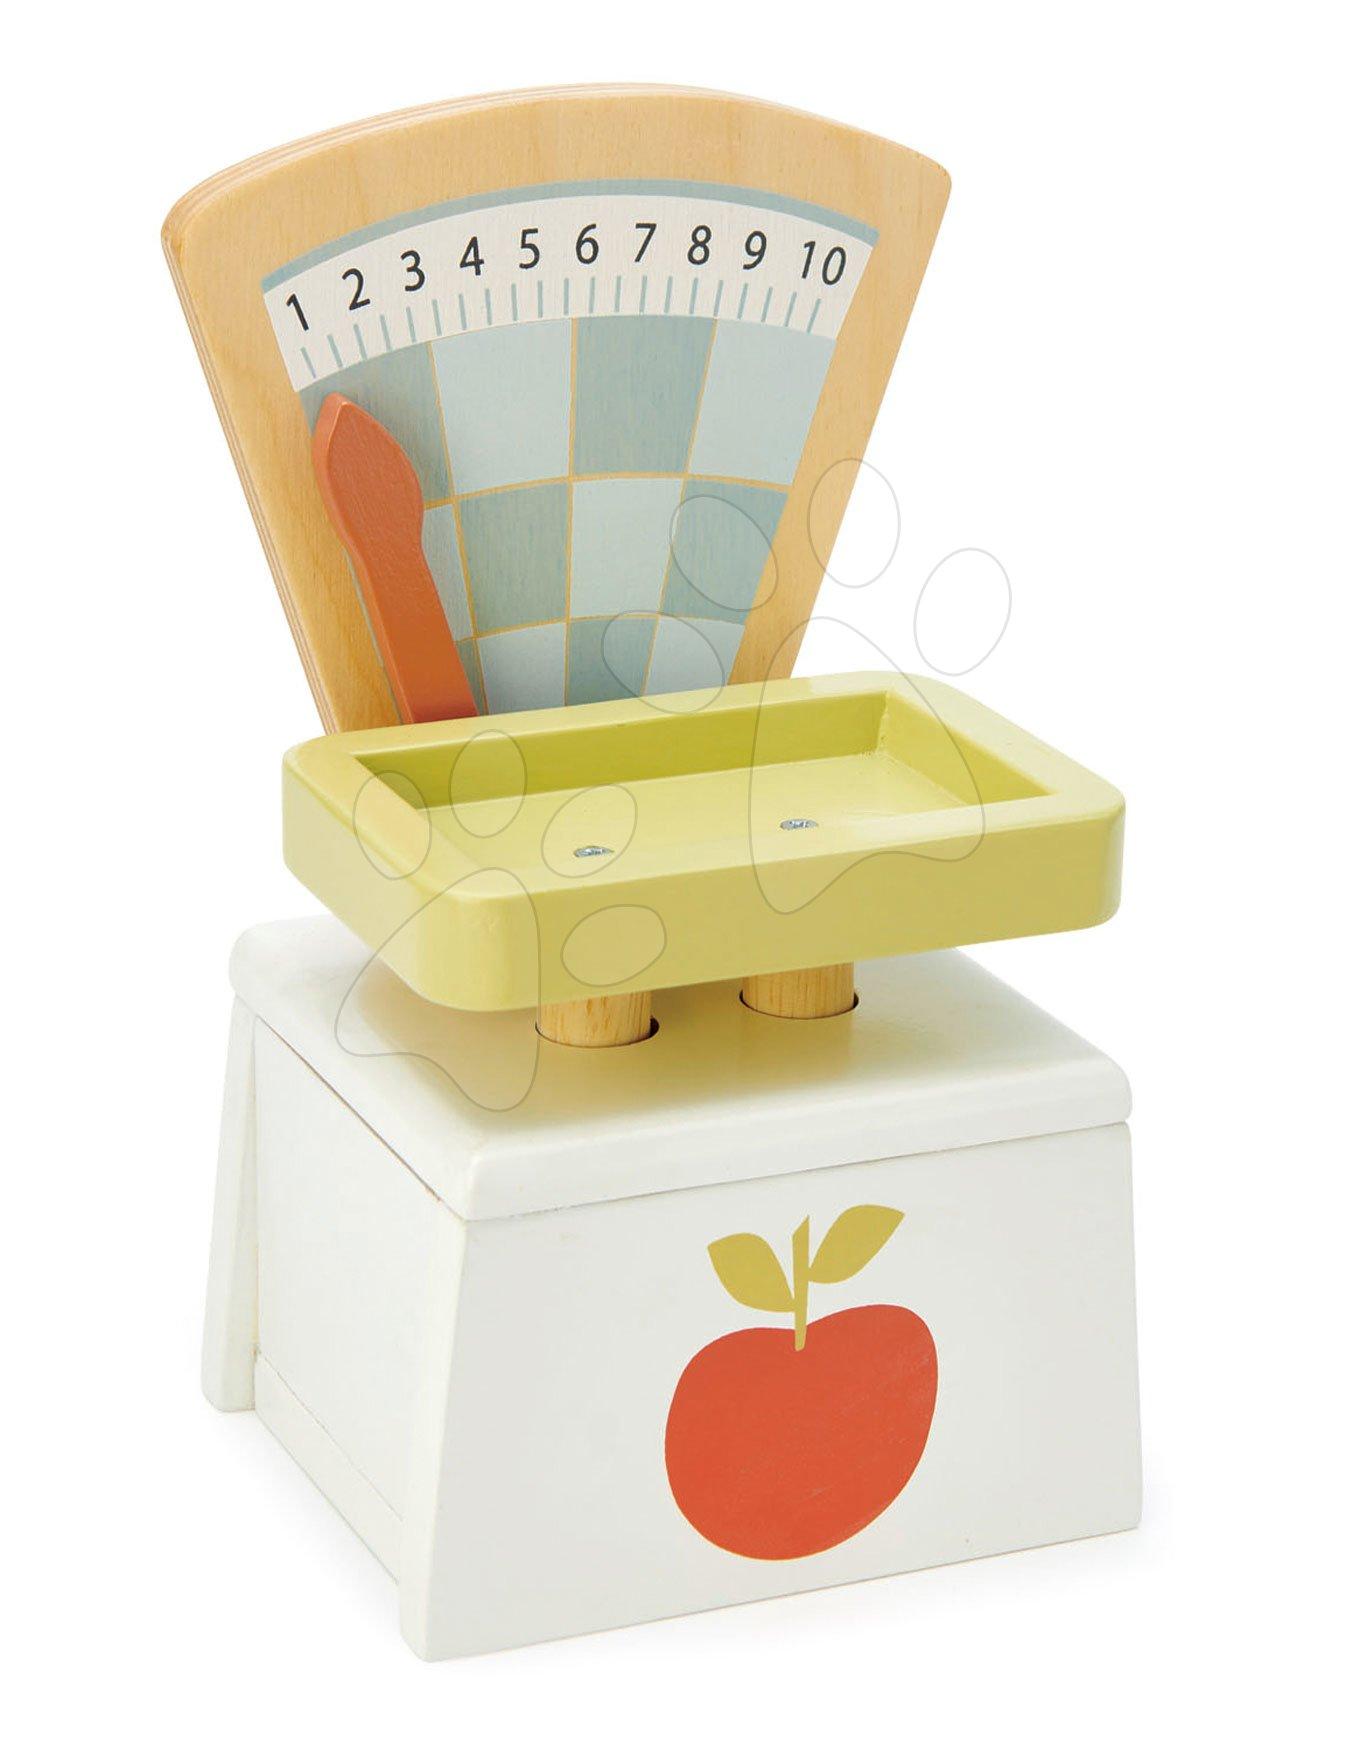 Drevená váha Market Scales Tender Leaf Toys na váženie potravín